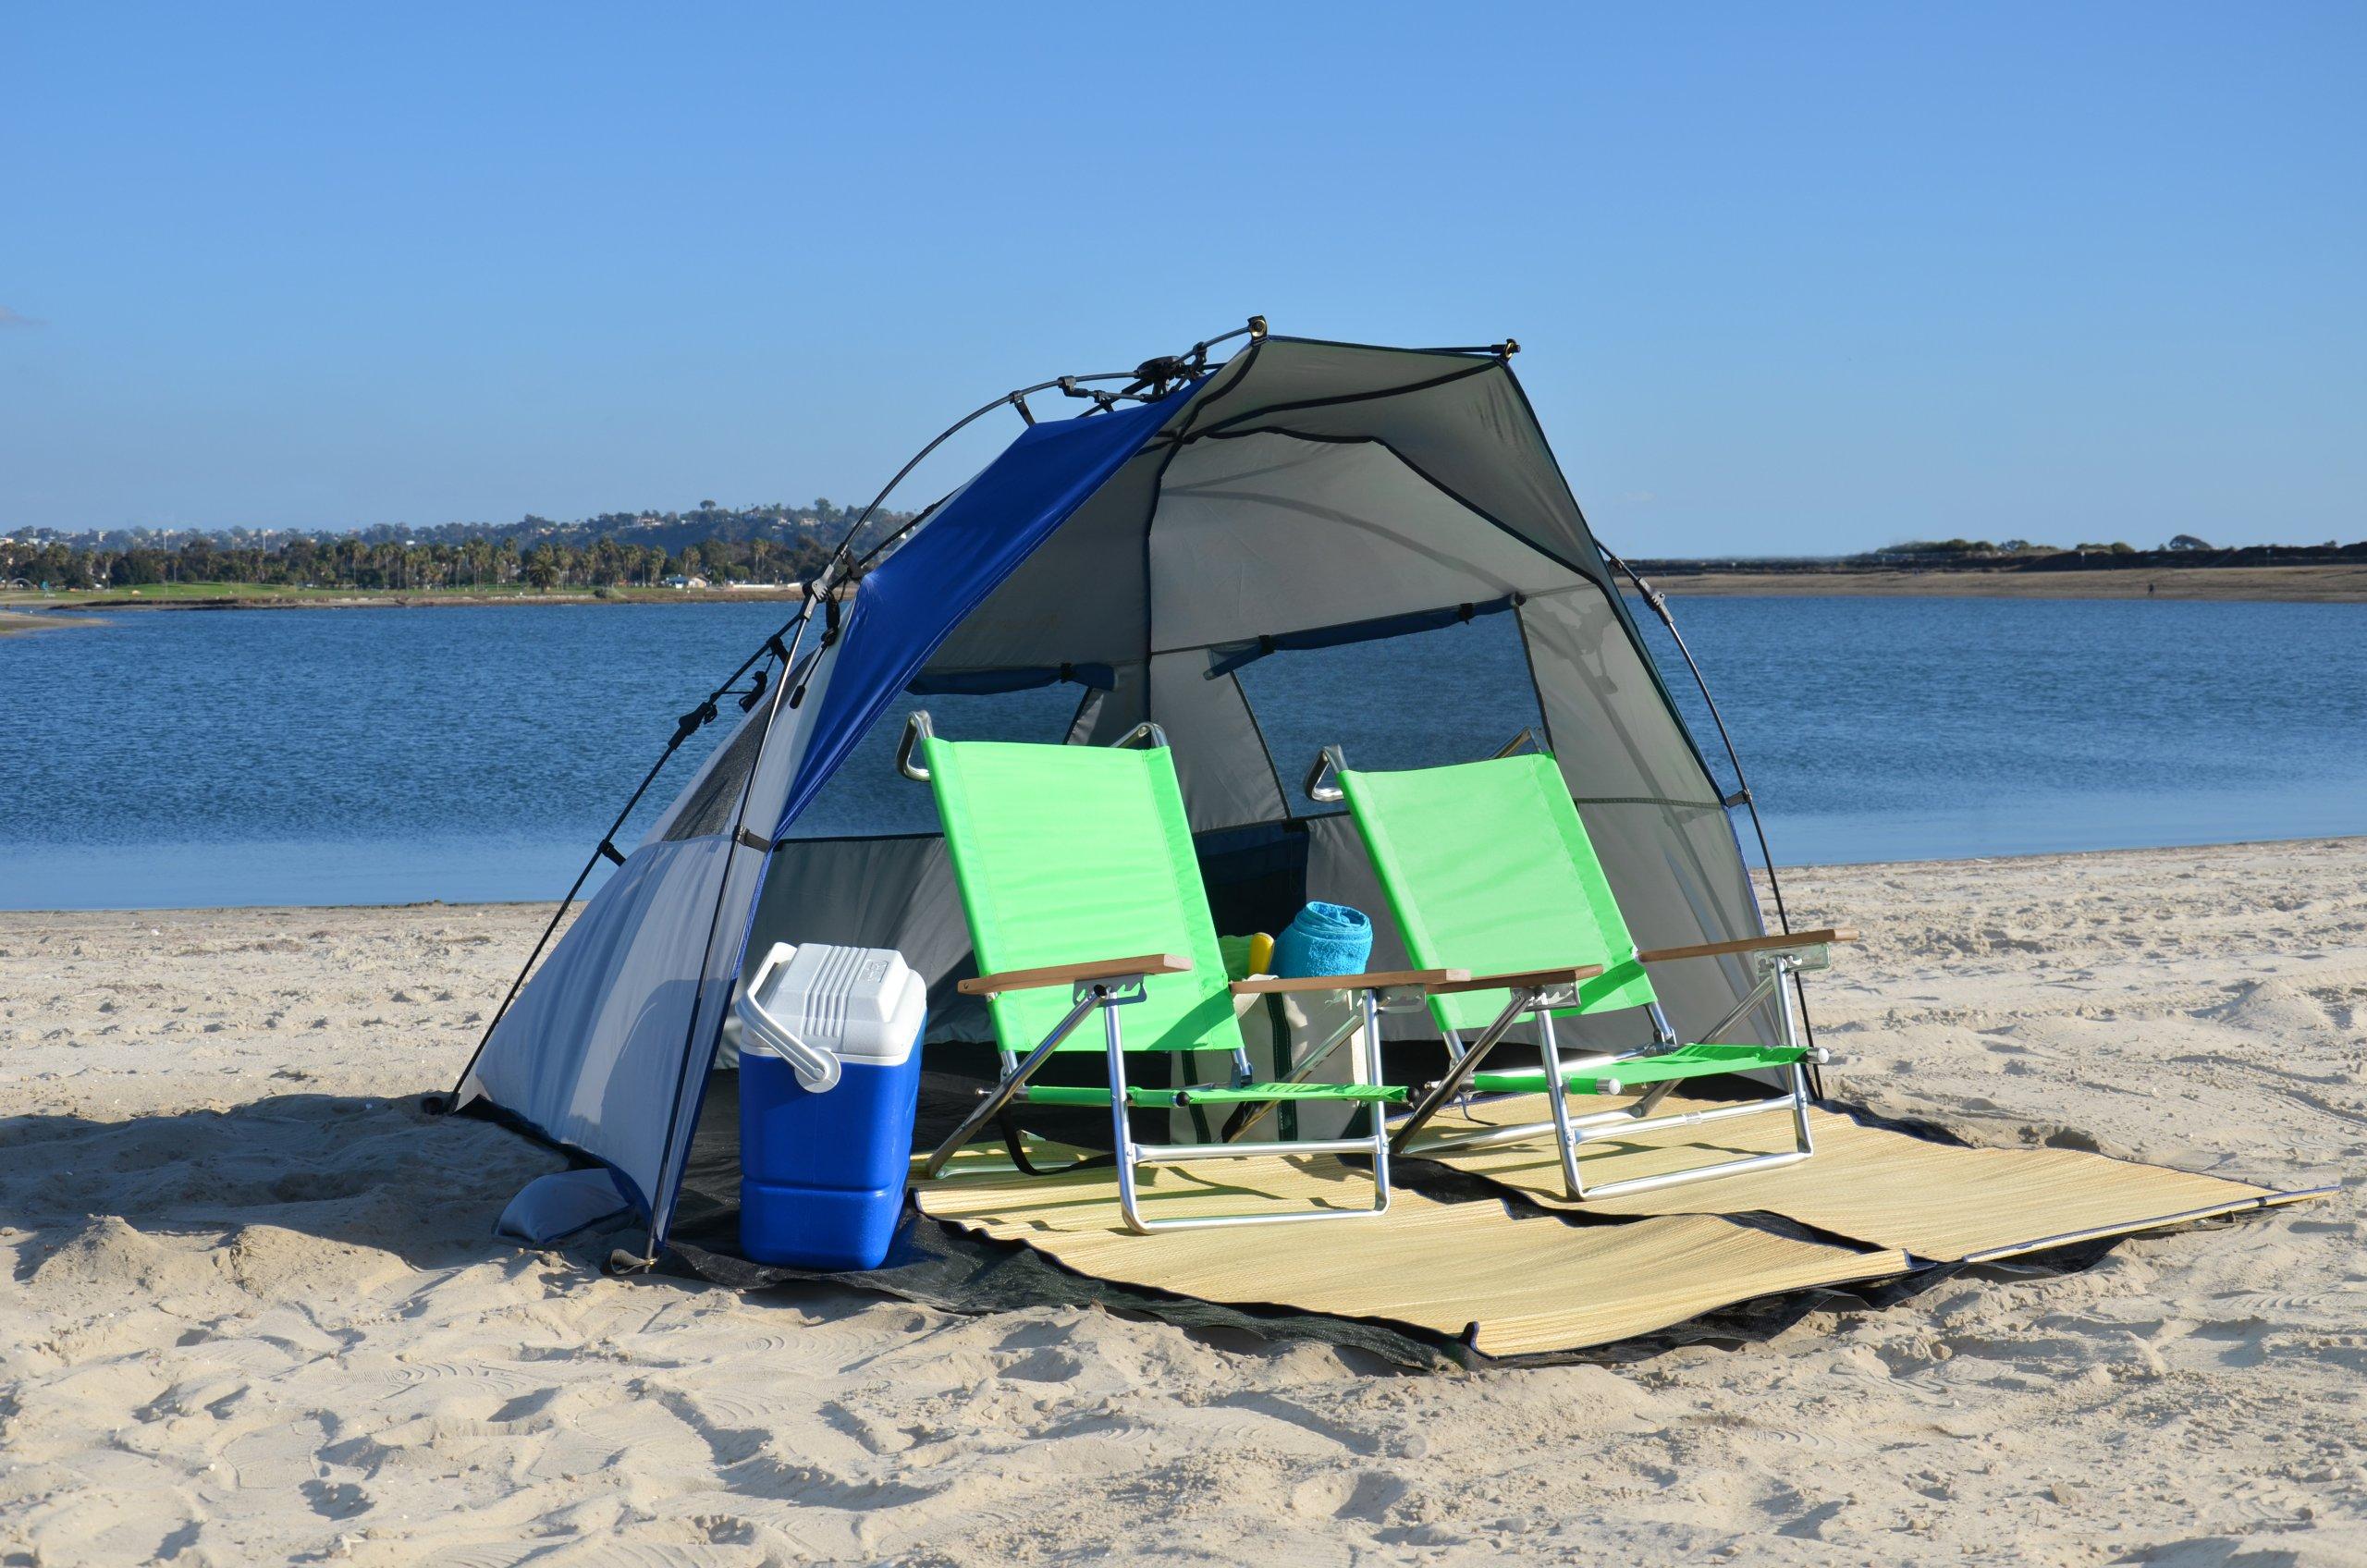 Lightspeed Outdoors Quick Cabana Beach Tent Sun Shelter, Blue